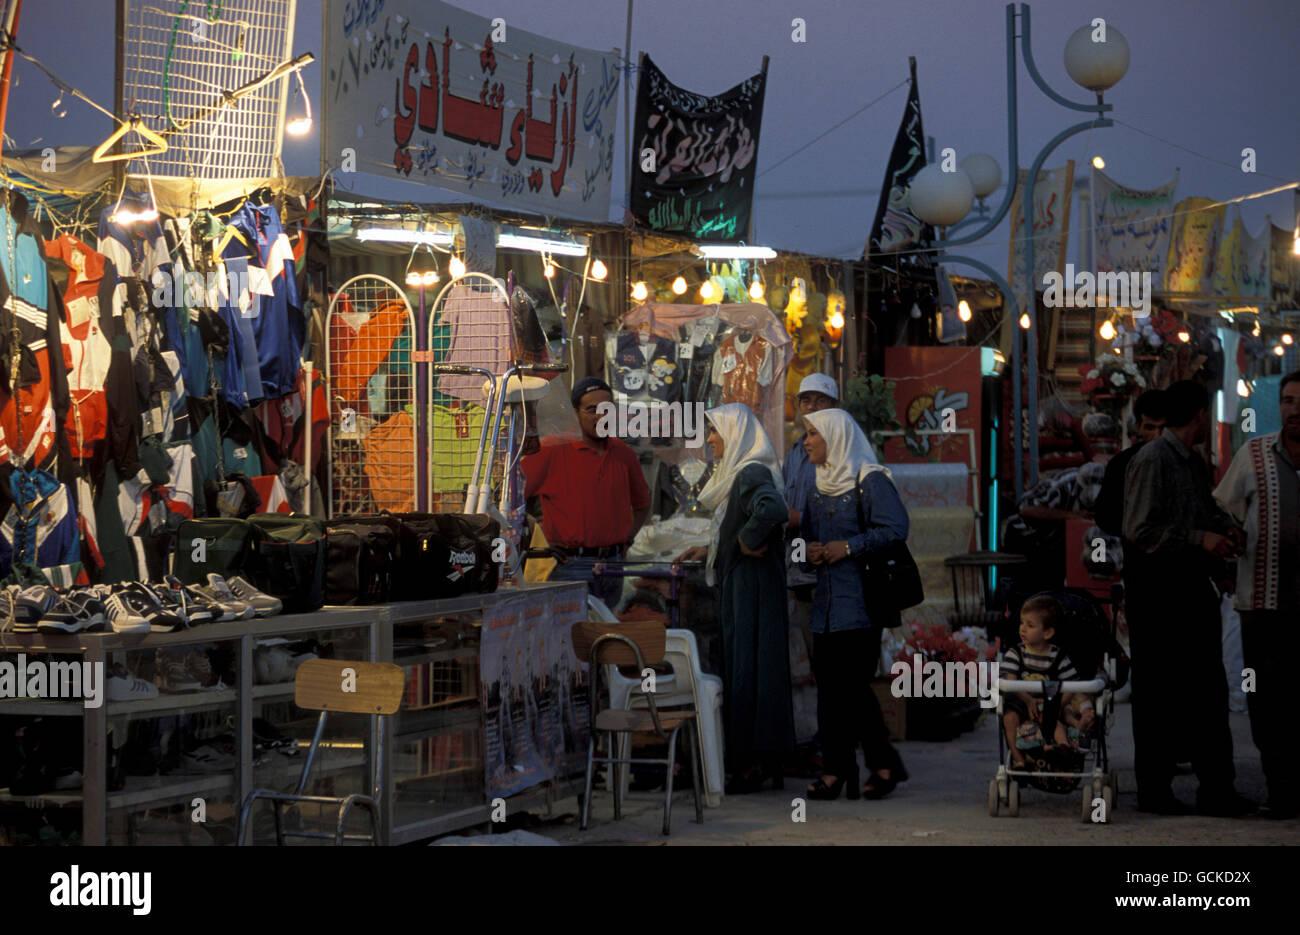 Der Markt in Deir ez Zur an der Grenze zu Irak im Osten von Syrien. - Stock Image